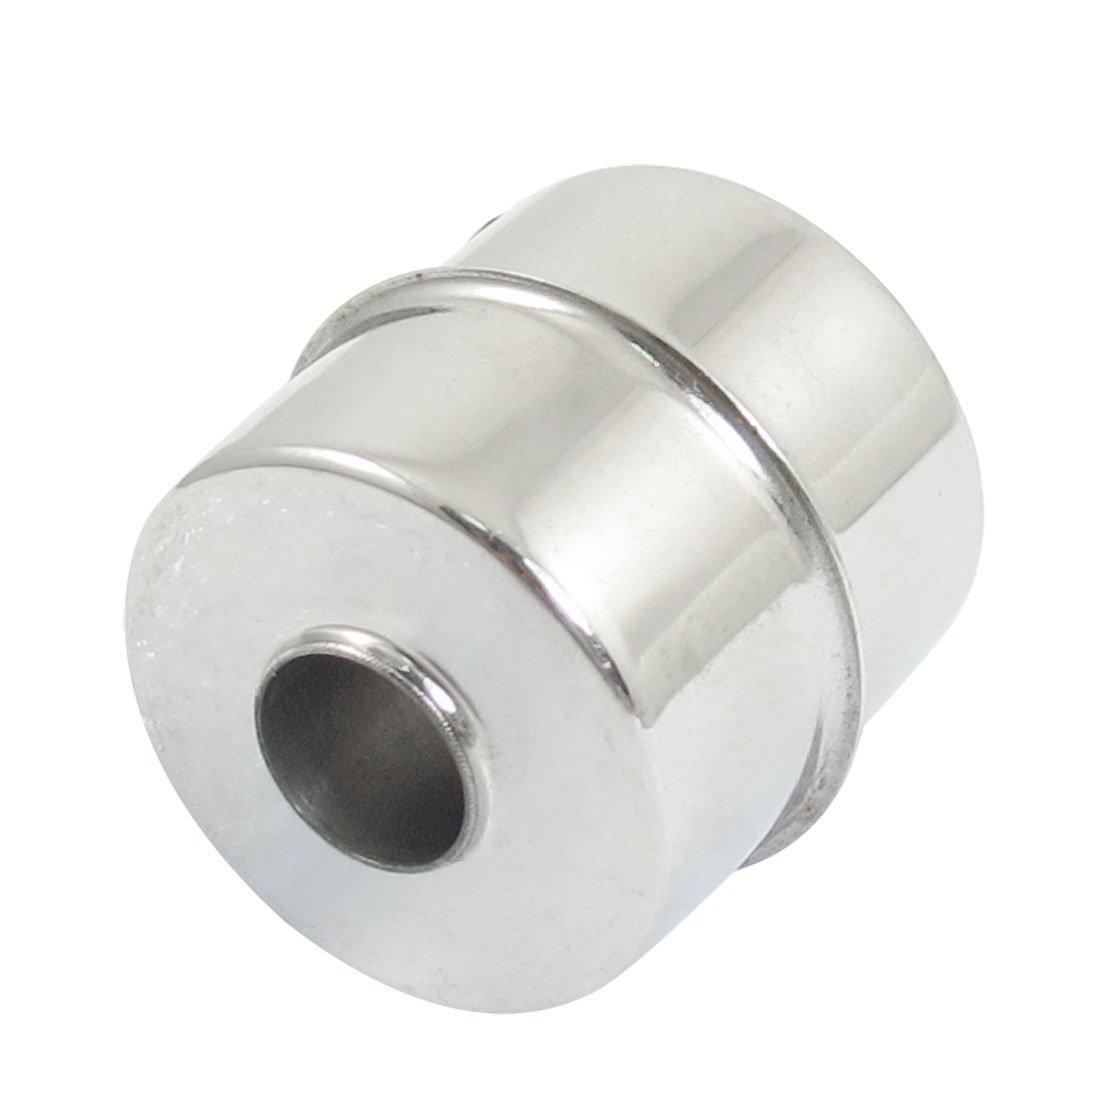 sourcingmap® Magnética del nivel del agua del sensor del acero inoxidable de la bola flotante de 28 mm x 28 mm x 9,5 mm: Amazon.es: Bricolaje y herramientas